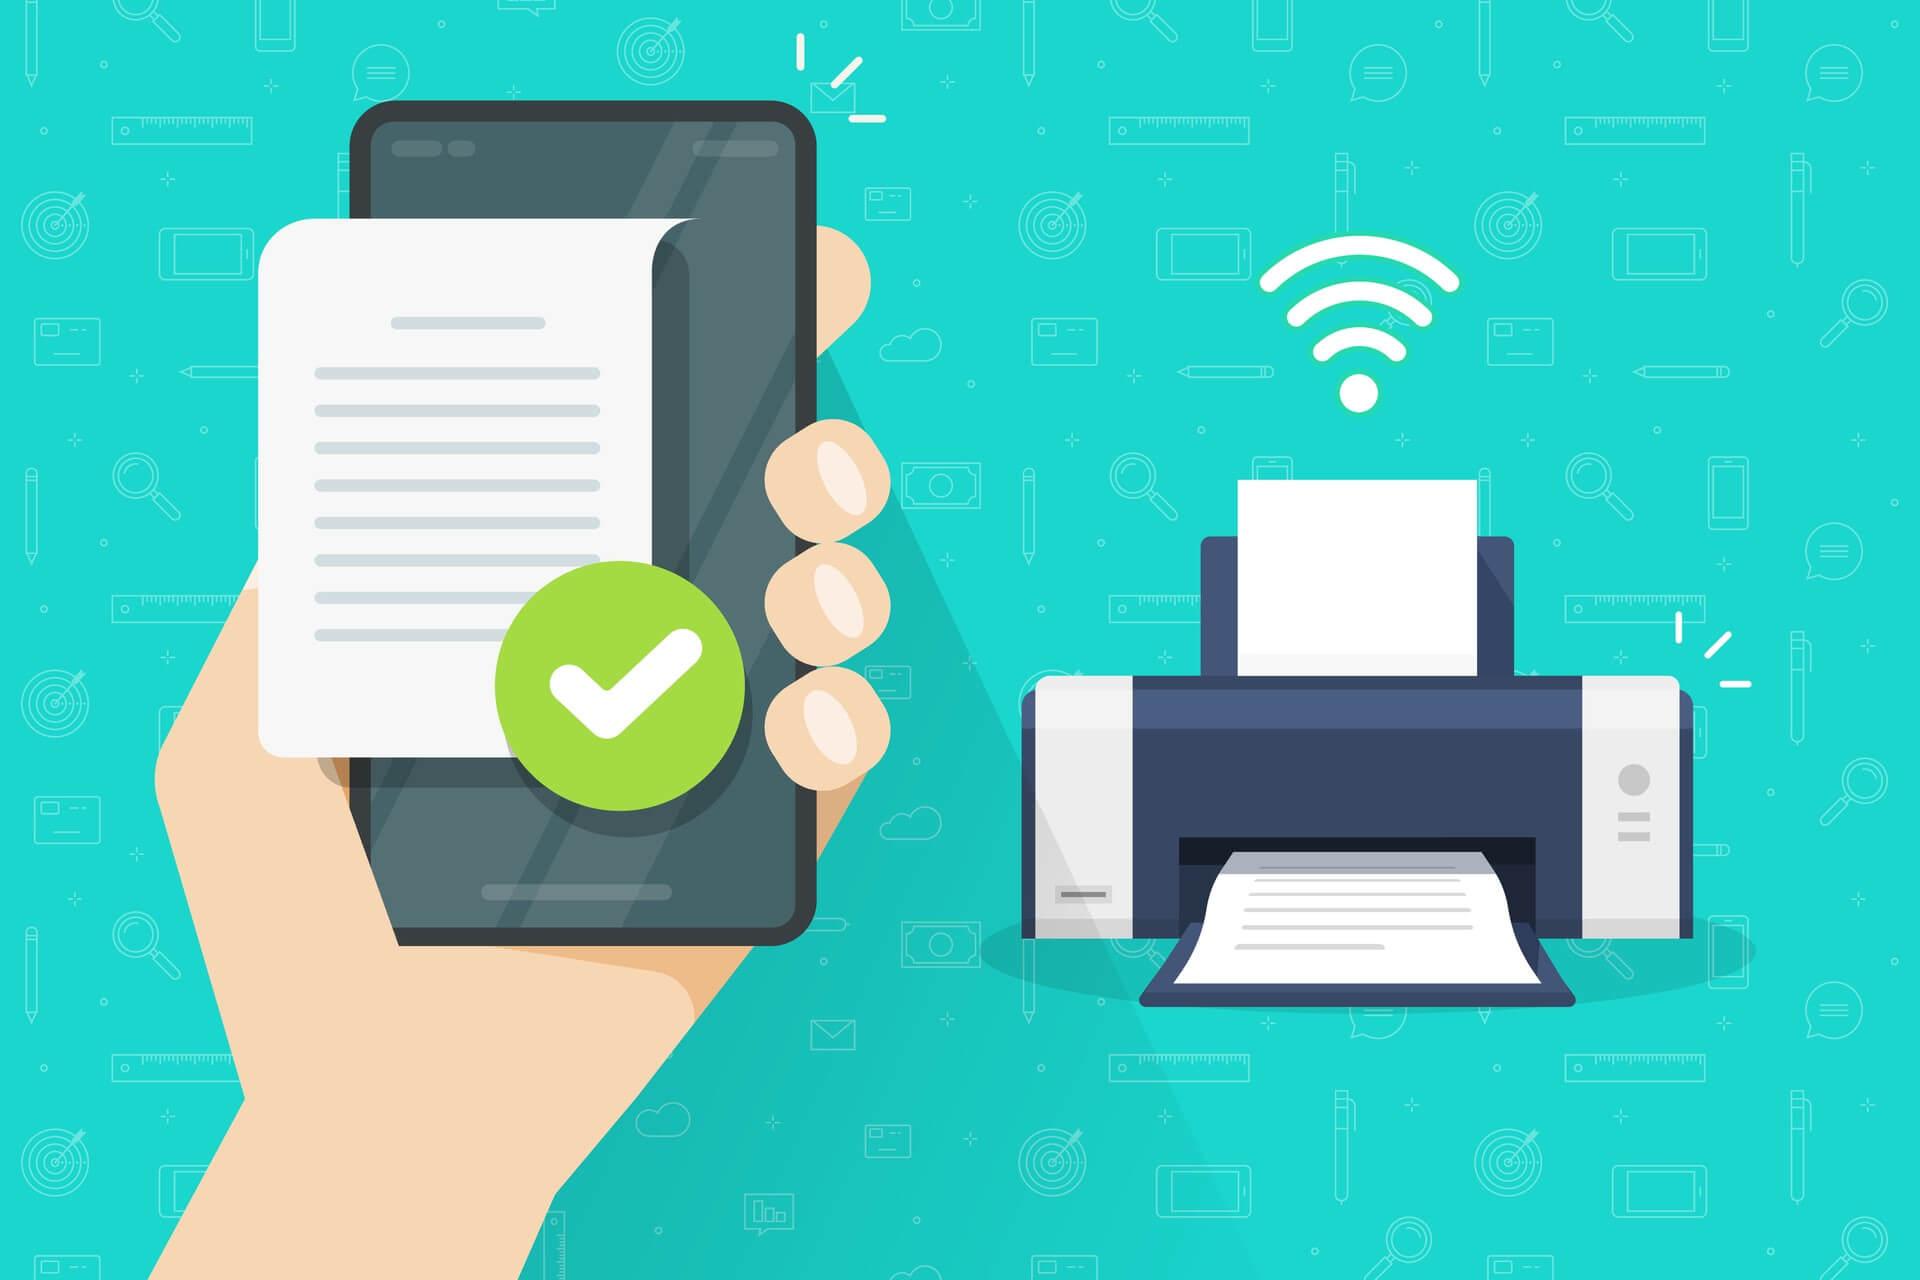 Stampare da cellulare utilizzando il Wi-Fi